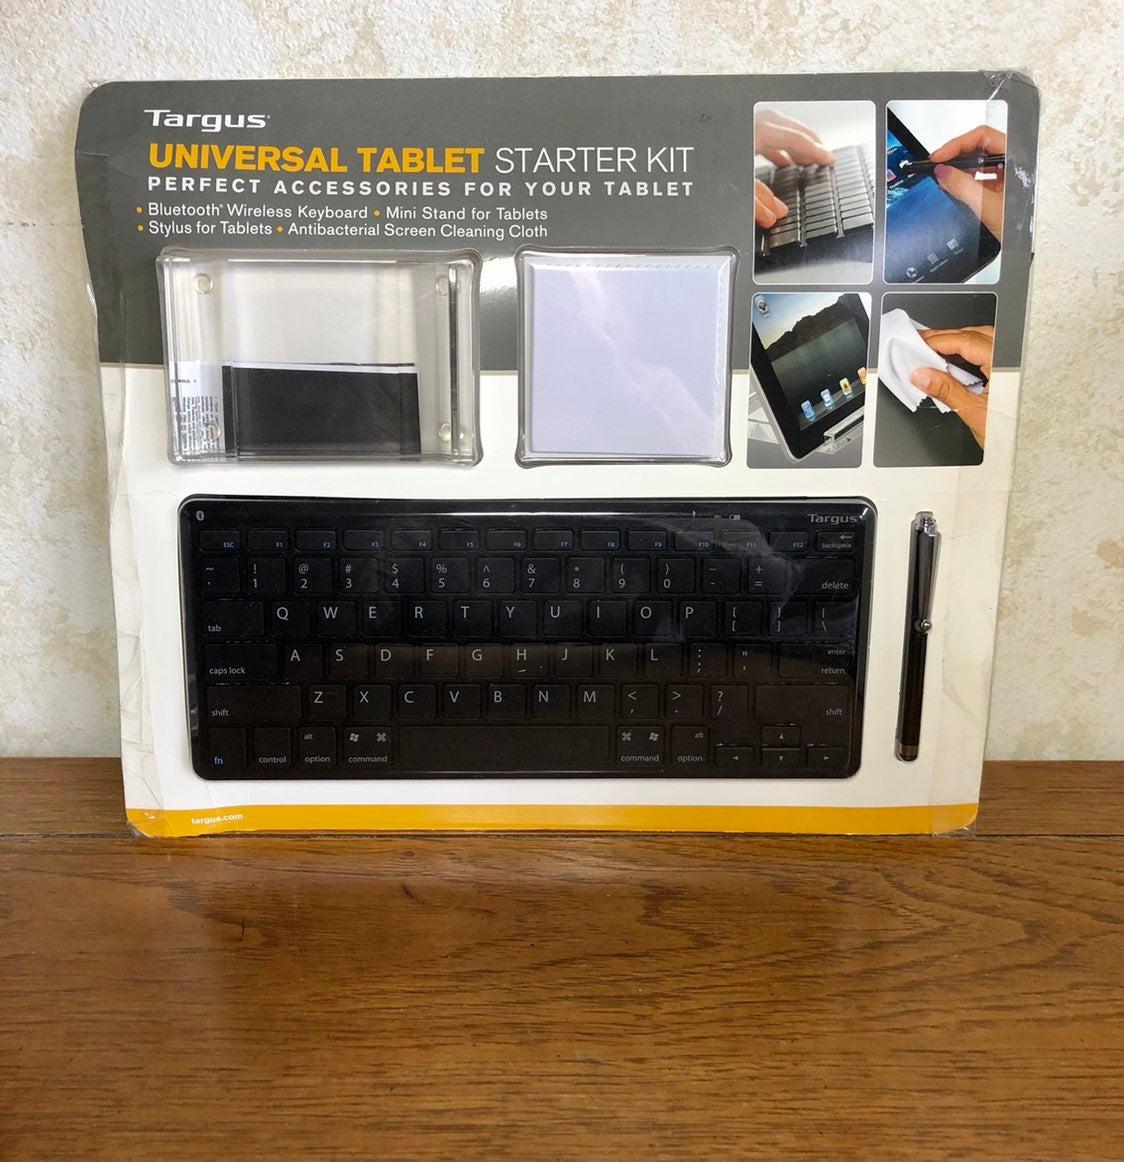 Targus Universal Tablet Starter Kit